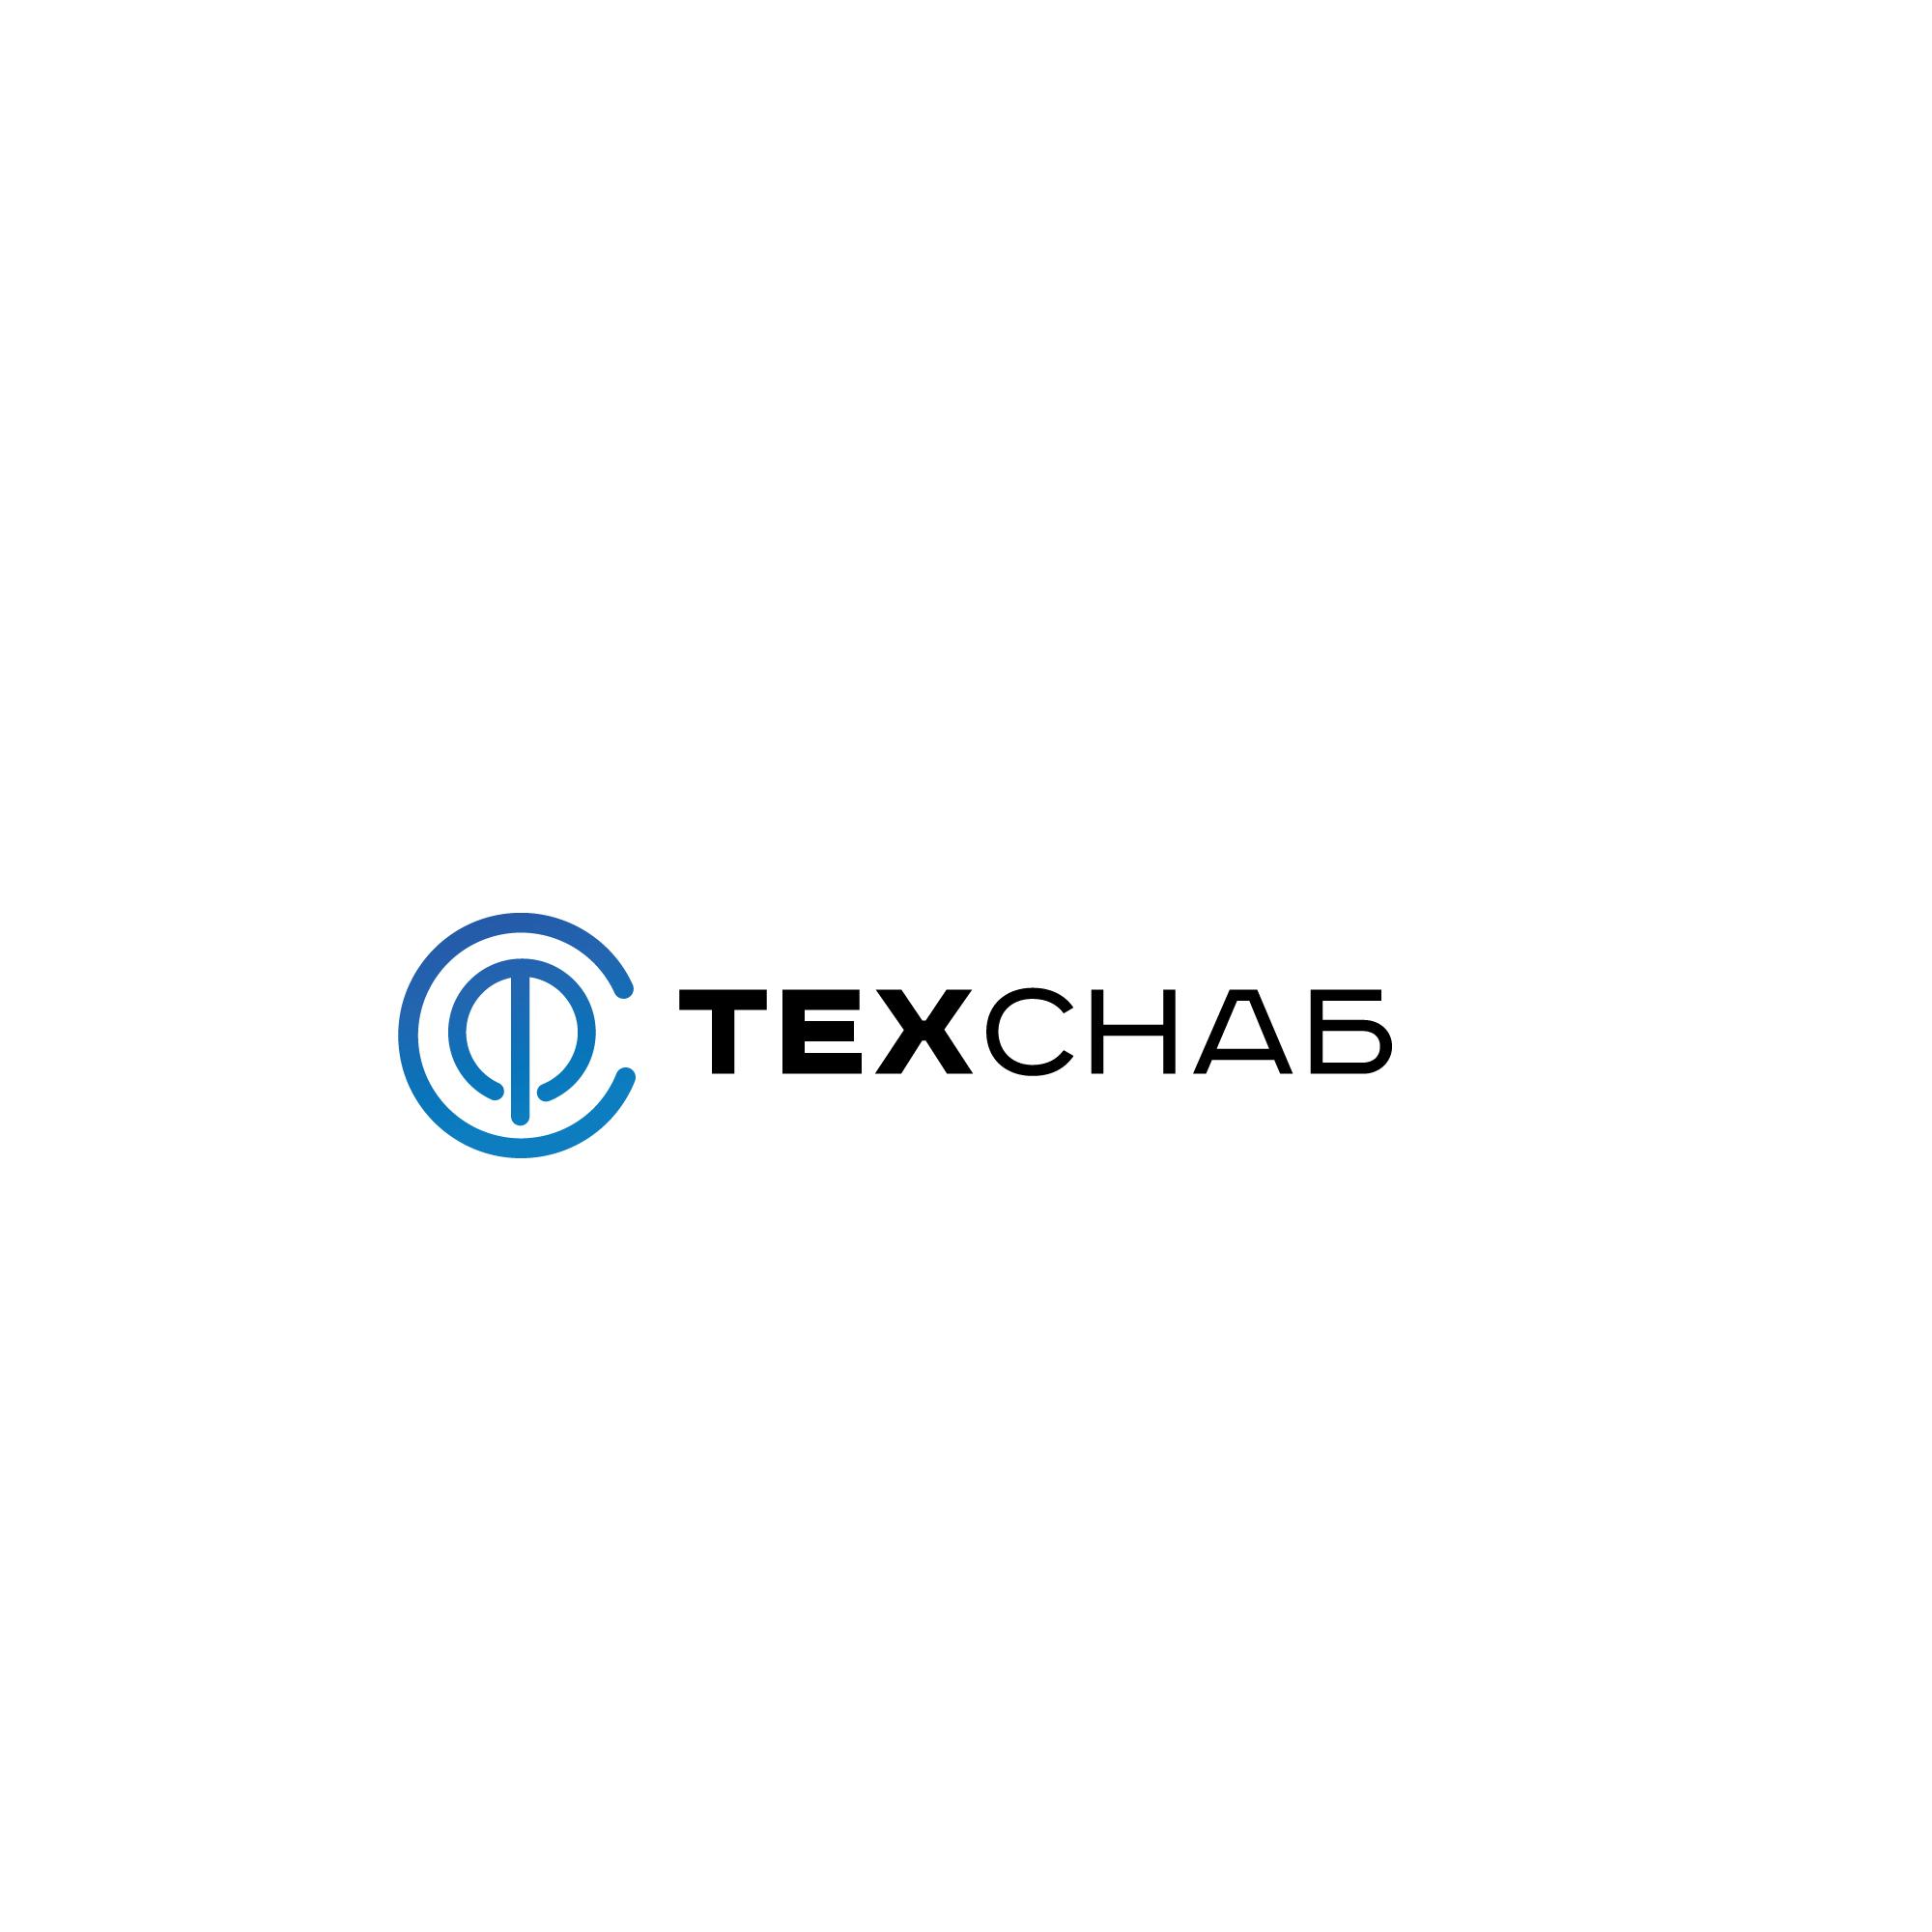 Разработка логотипа и фирм. стиля компании  ТЕХСНАБ фото f_0445b1eb0968ad4f.jpg